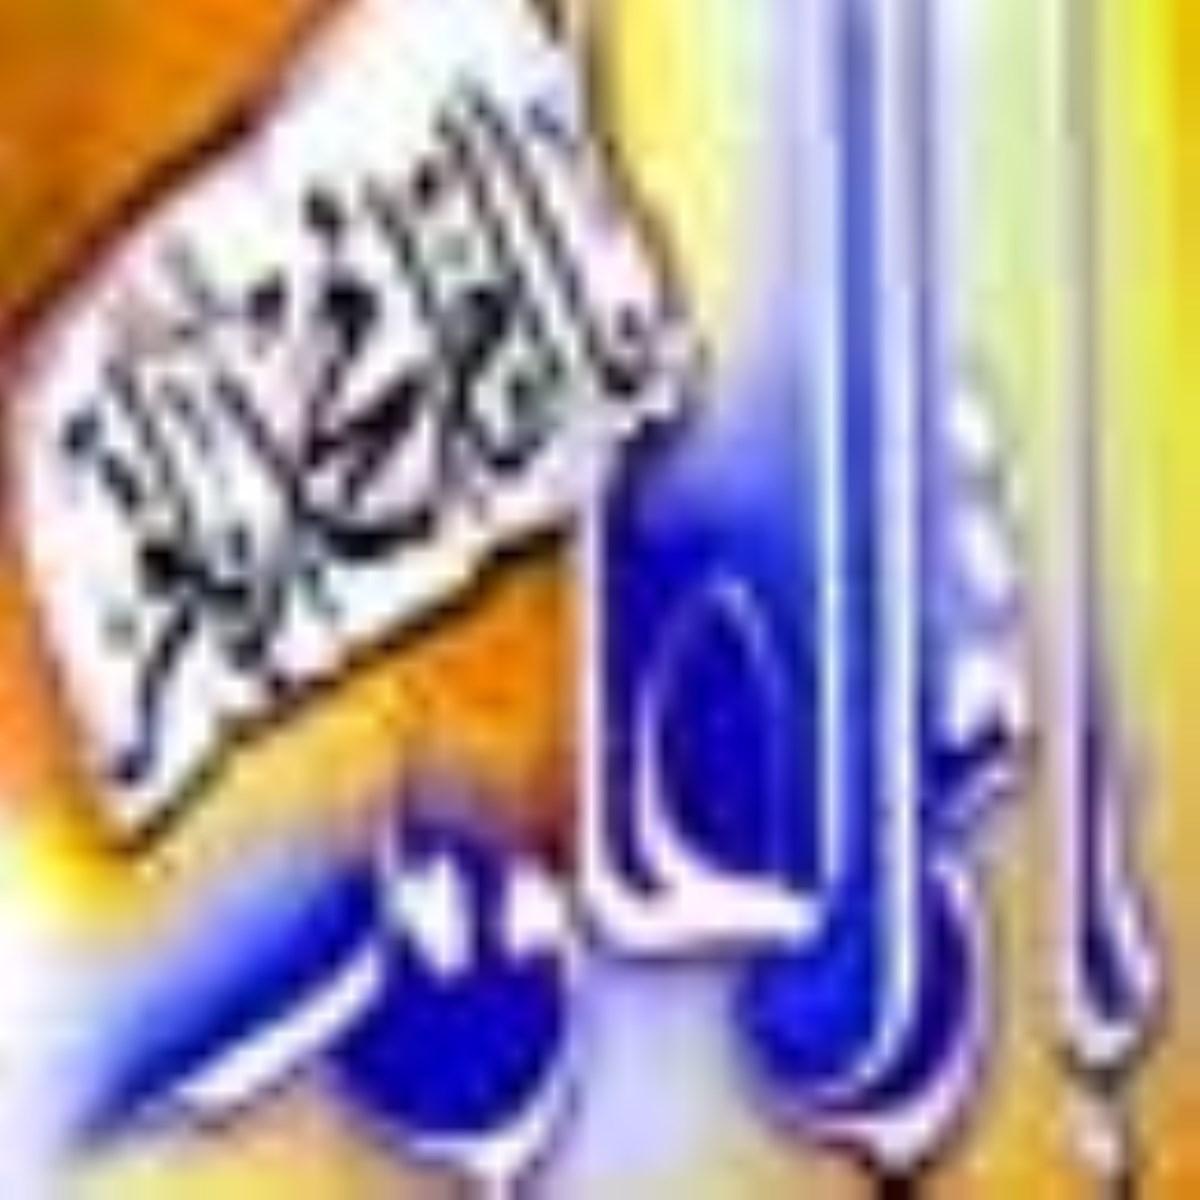 نقش امام باقر (عليه السلام) در پيشرفت مكتب علمي تشيع